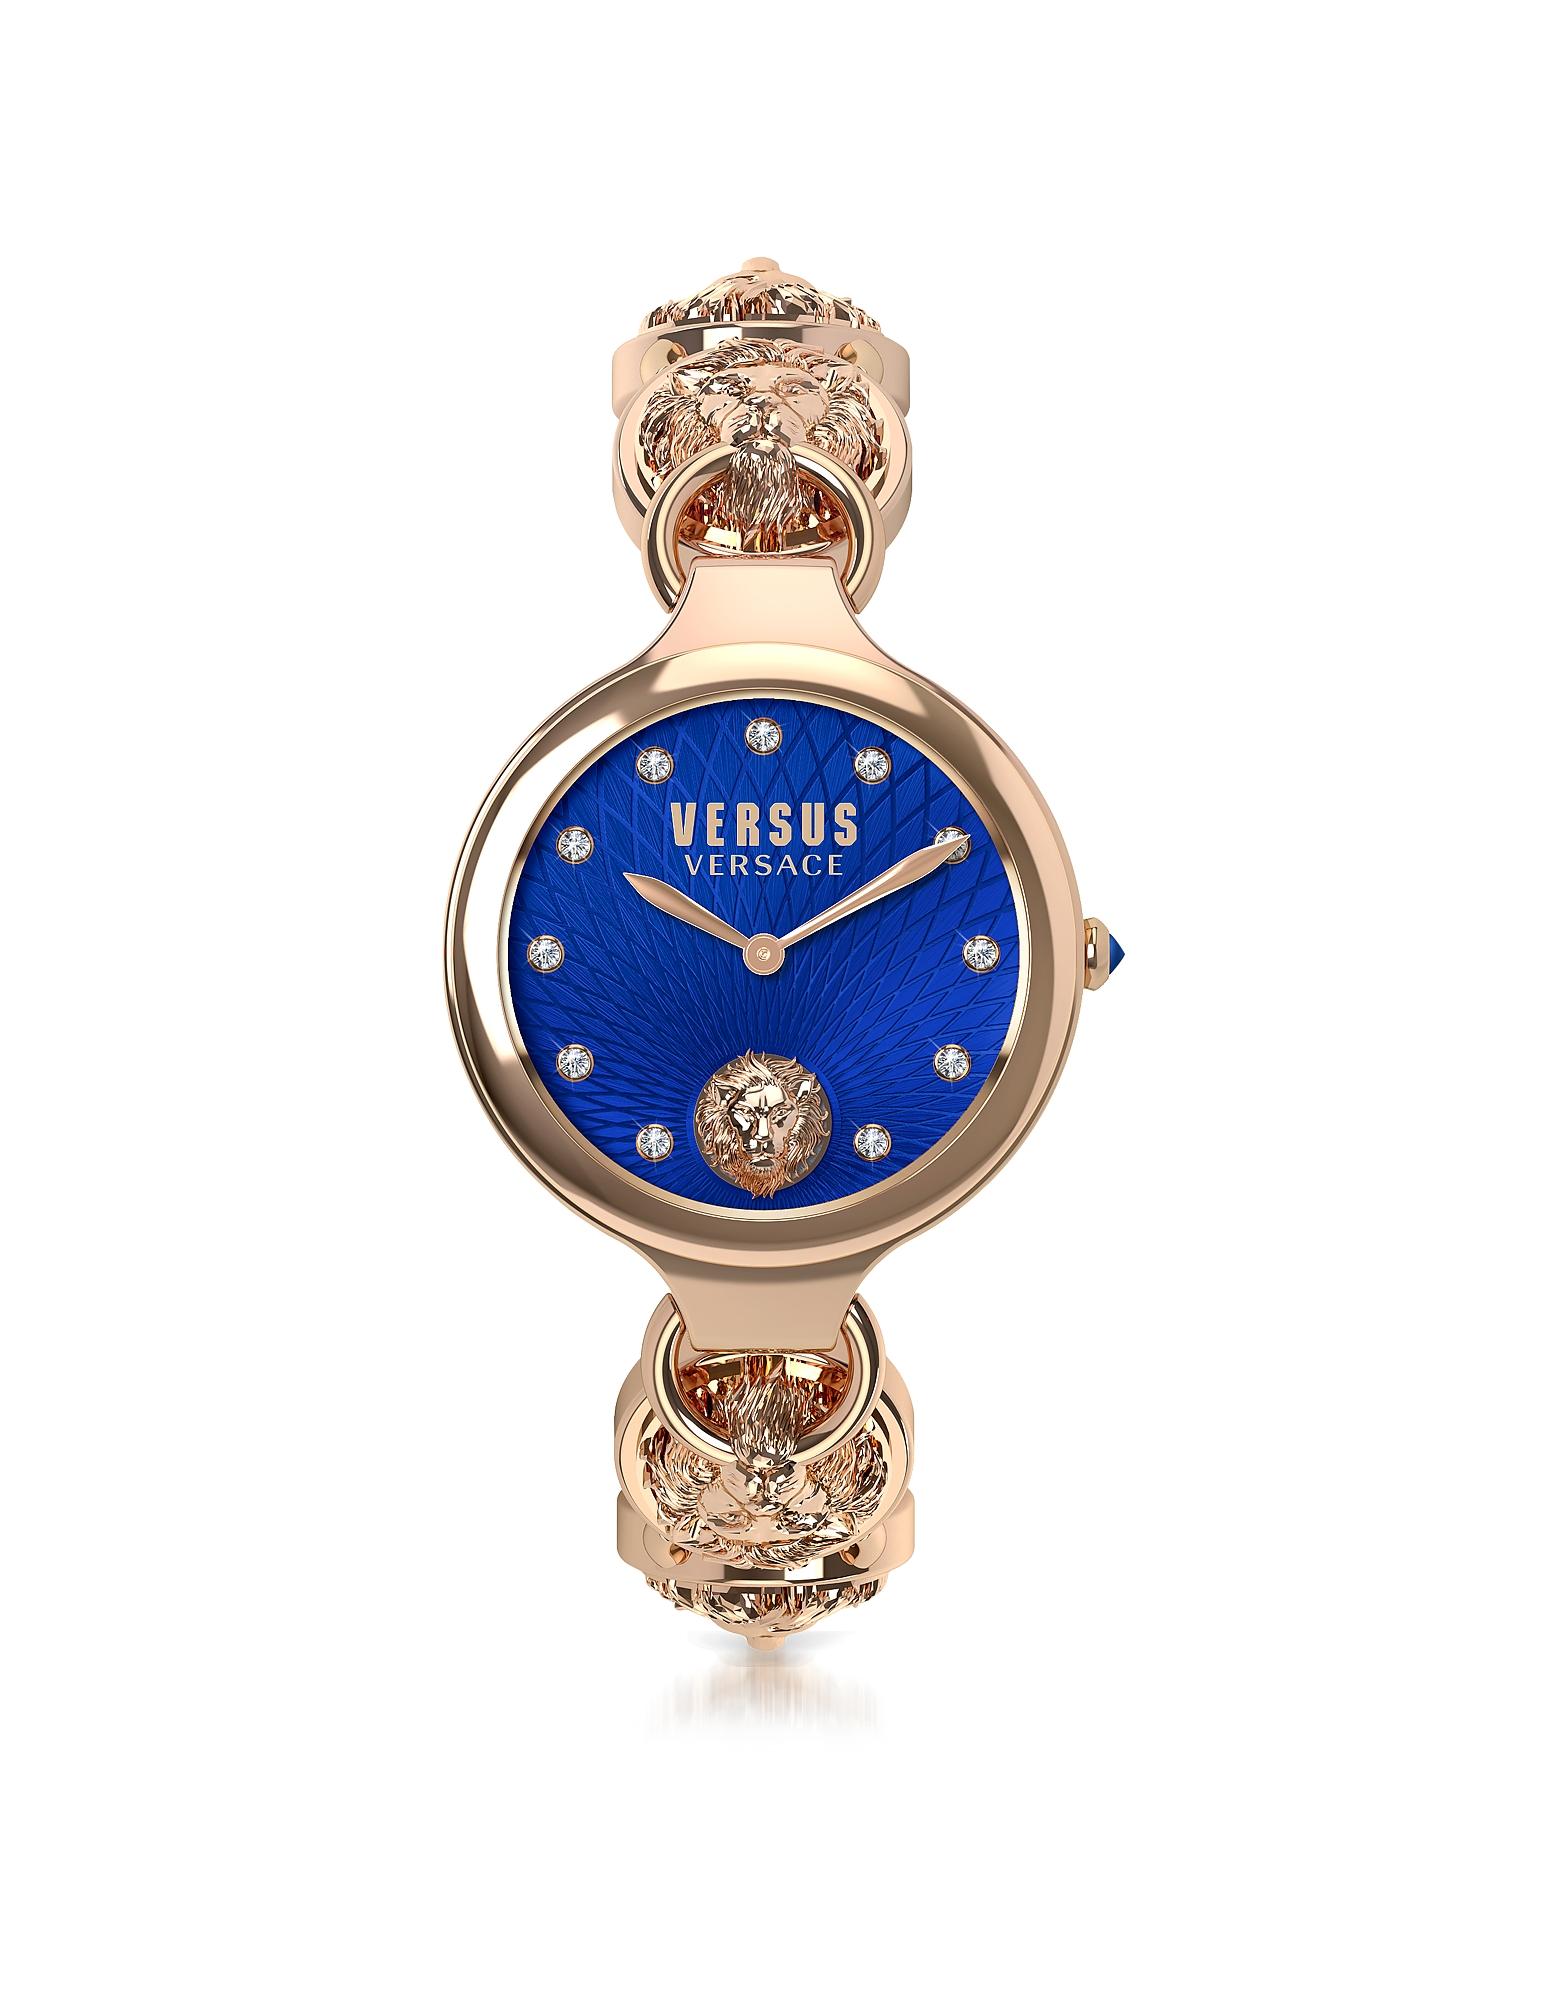 Broadwood - Женские Часы из Нержавеющей Стали Оттенка Розового Золота с Синим Циферблатом, Браслетом и Кристаллами